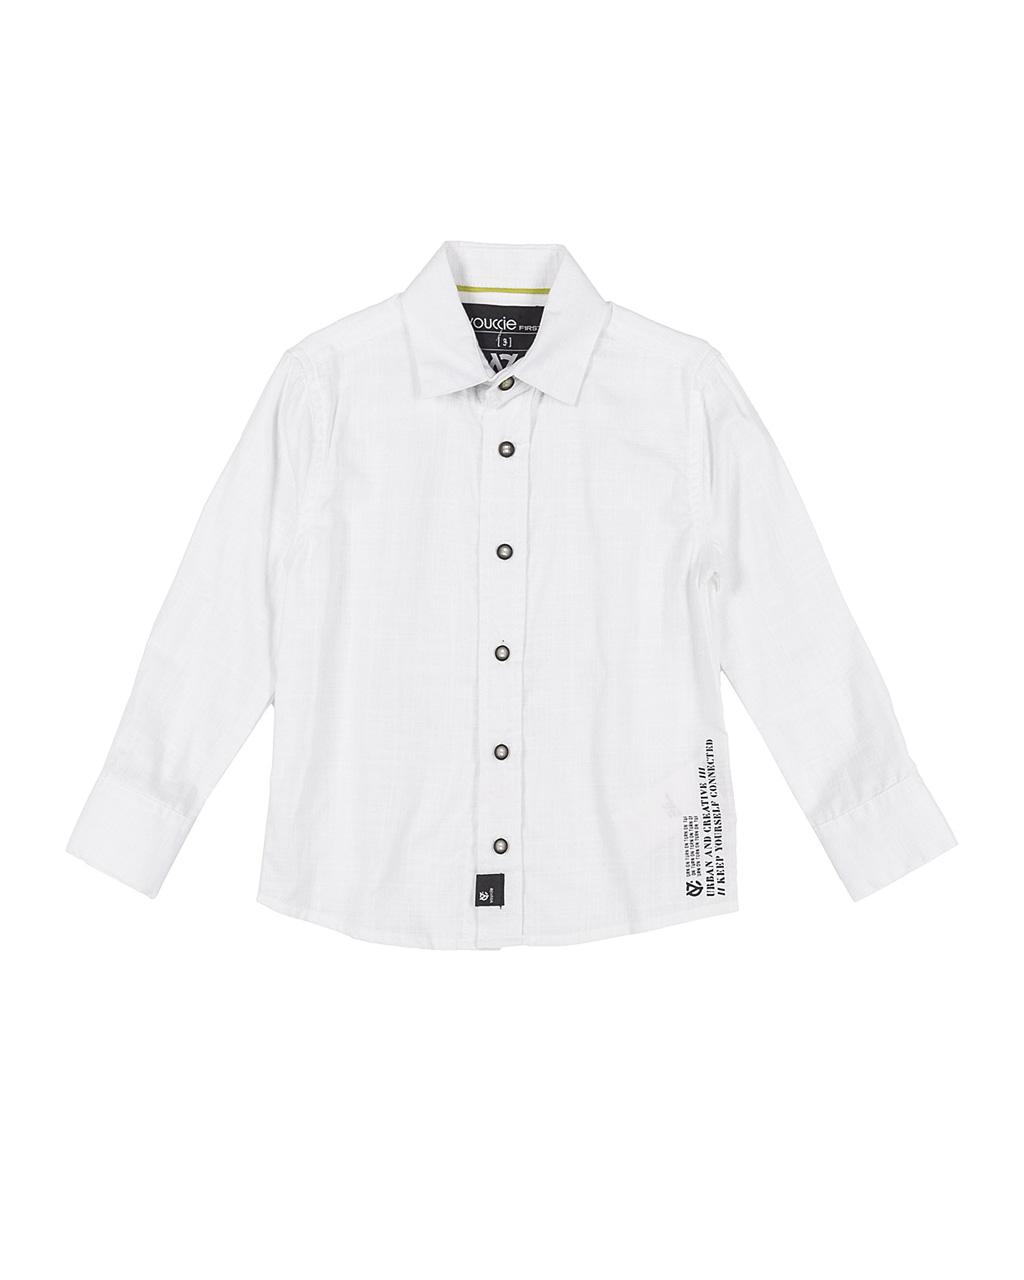 Camisa Infantil Vereno Flamê Branco Youccie